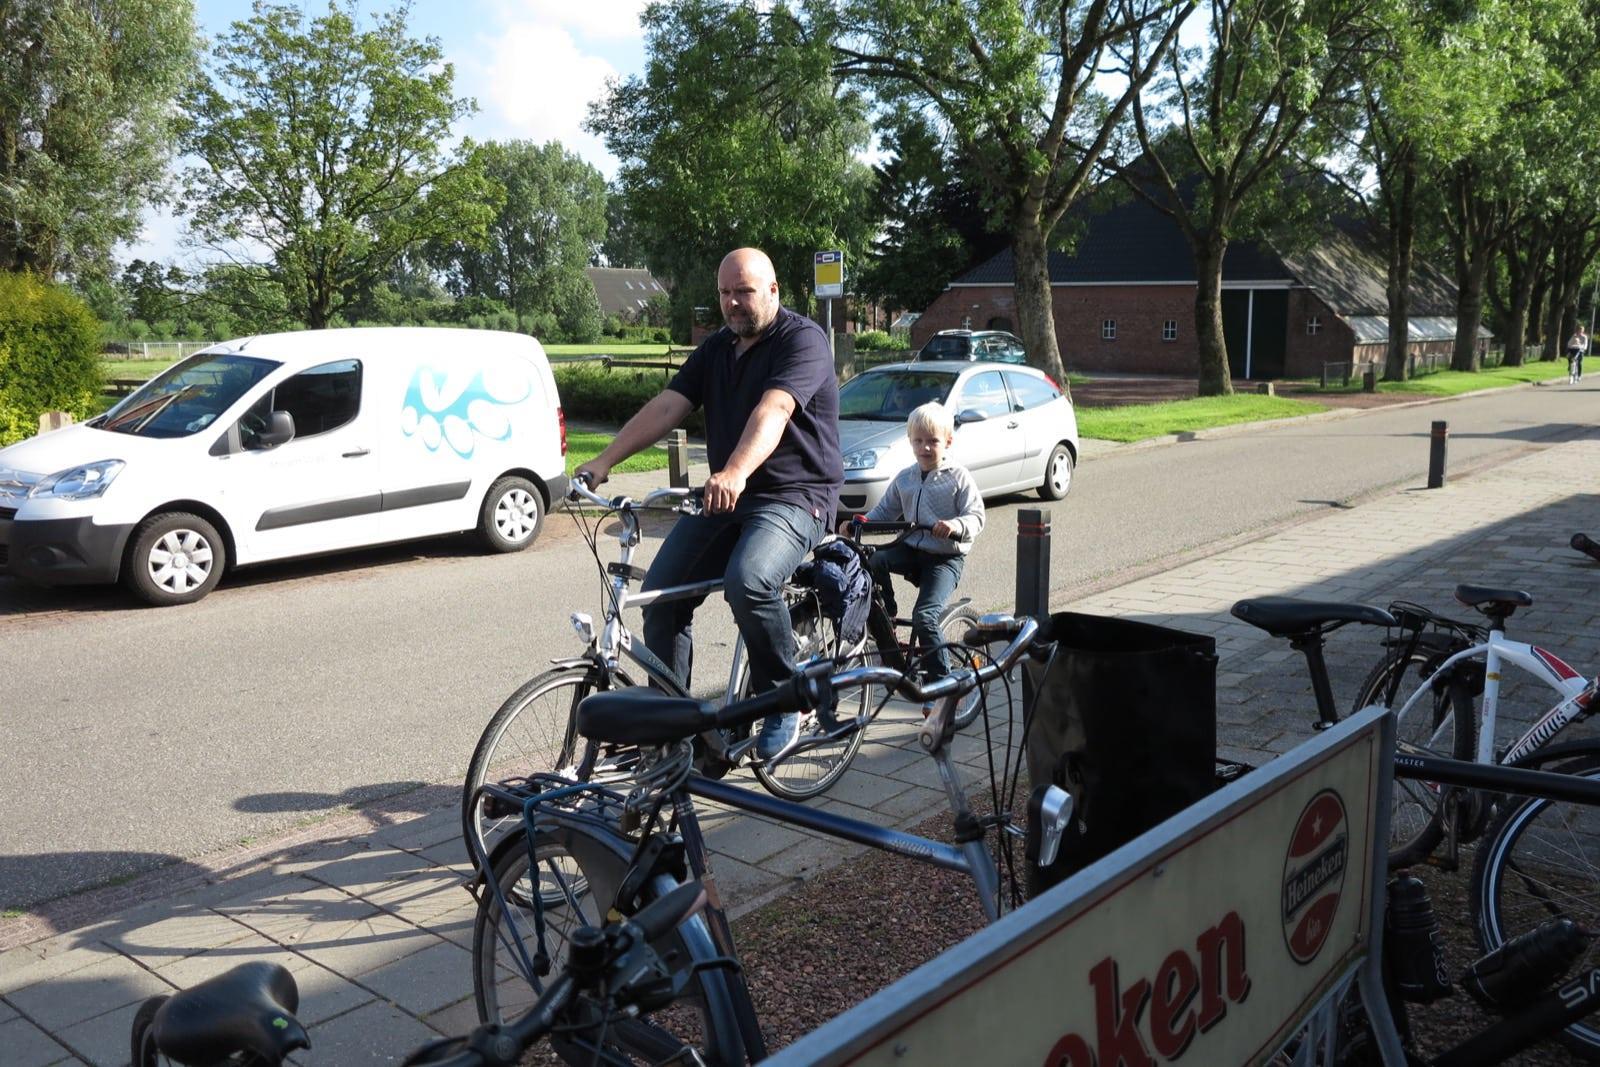 et-fiets-en-fietser-44-thesinger-fietstocht-17-juni---bert-en-gijs-mollema-oi.jpg